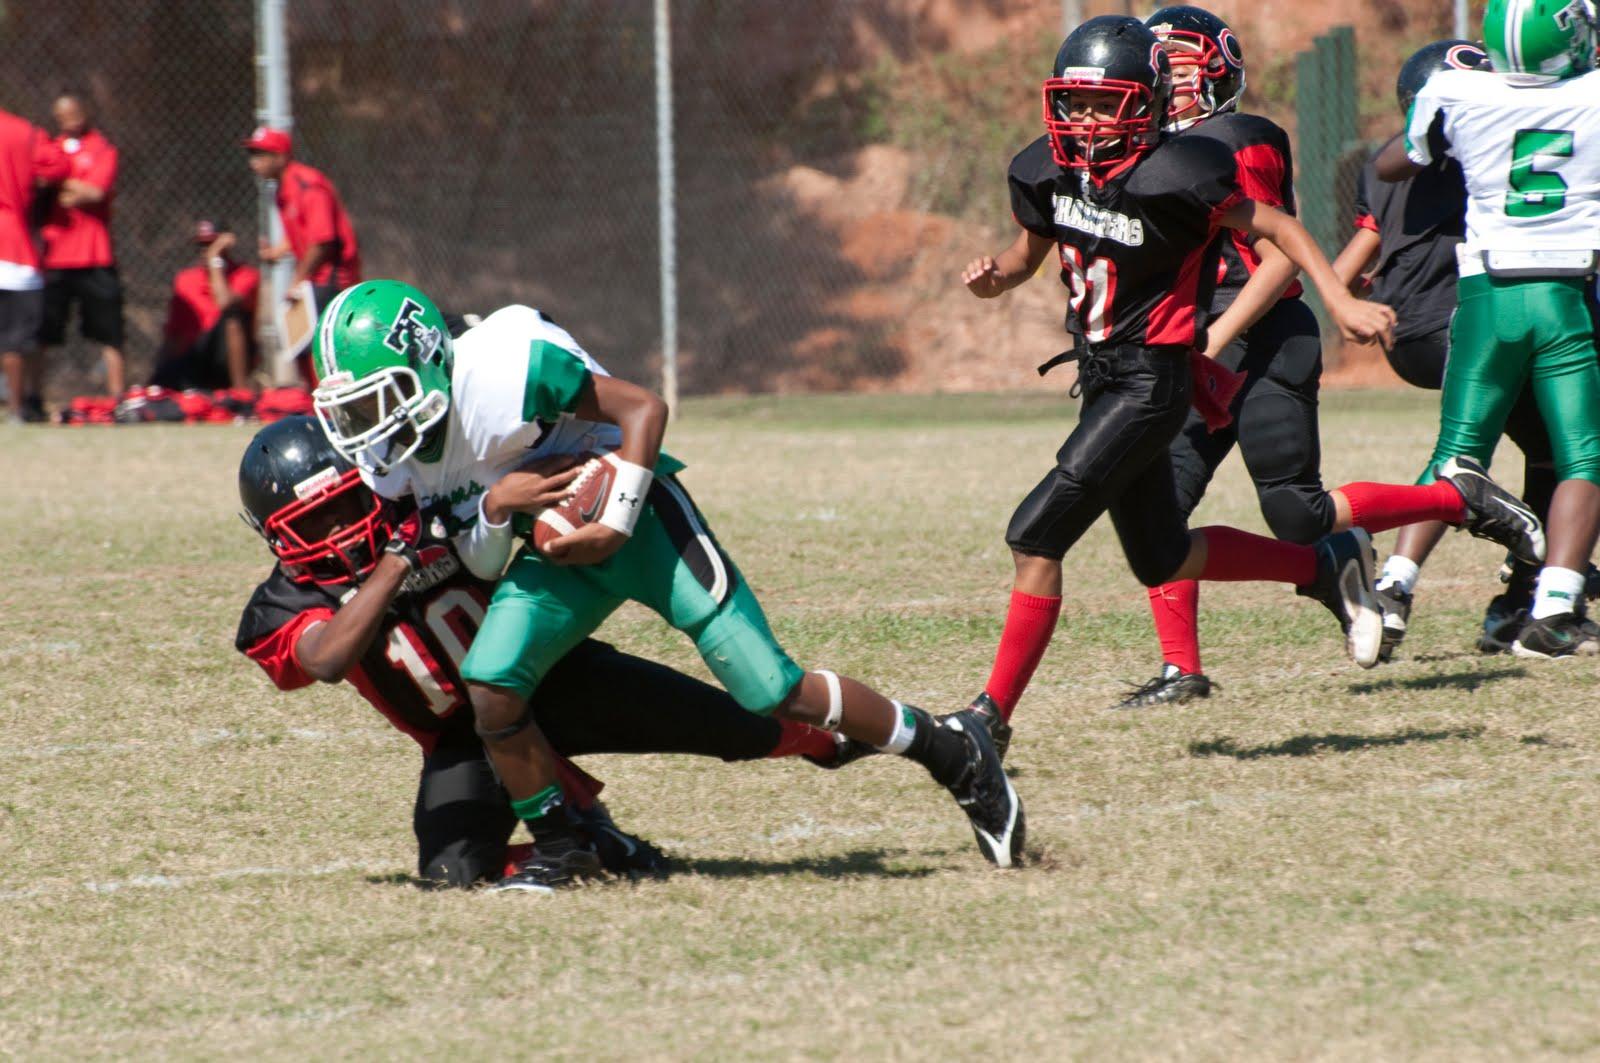 http://4.bp.blogspot.com/_uy65RYmASuk/TLETE3cZlCI/AAAAAAAAAA0/jaVafTqgbxg/s1600/Sports-503.jpg